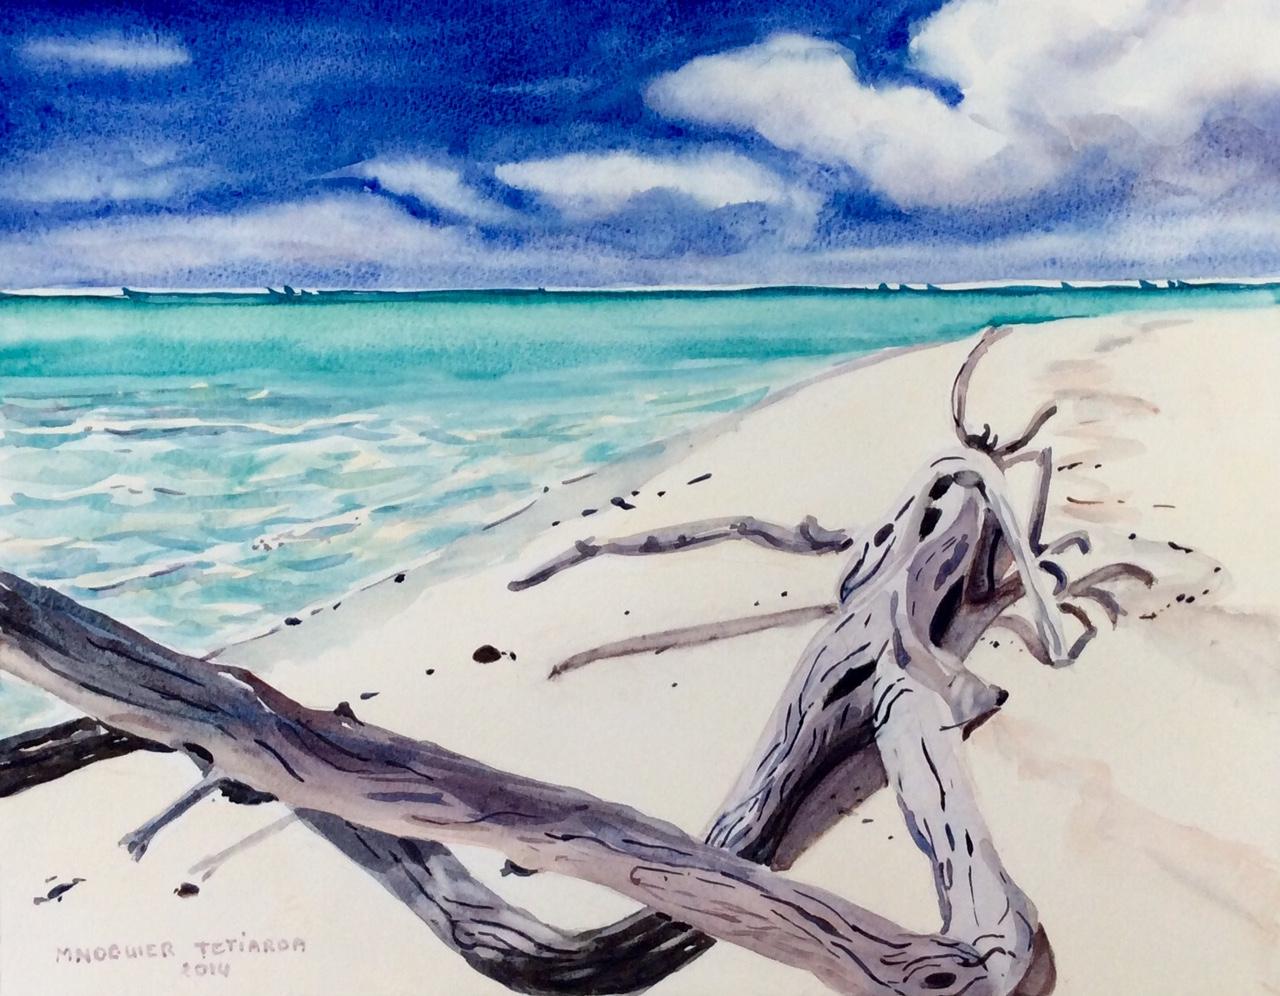 Les paysages de l'artiste invitent également à la relaxation grâce à des dégradés de couleurs chaudes propres à l'archipel des Tuamotu.